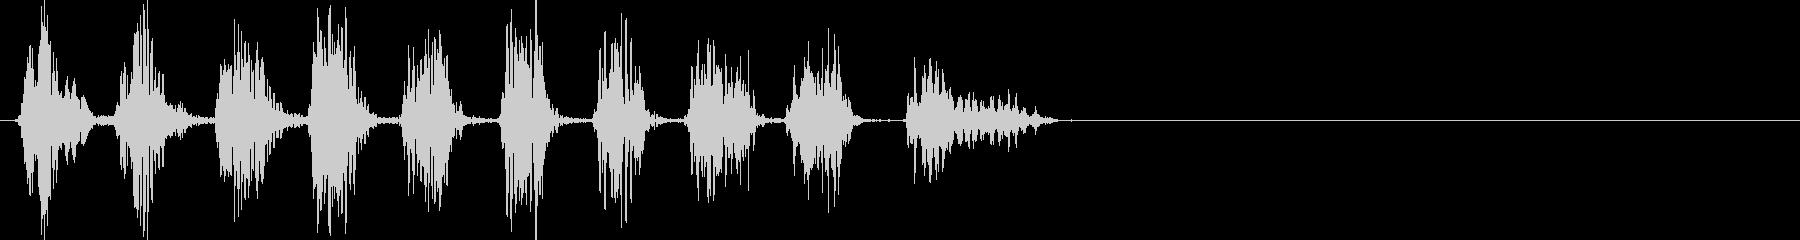 悪魔の笑い声(エフェクト無し)の未再生の波形